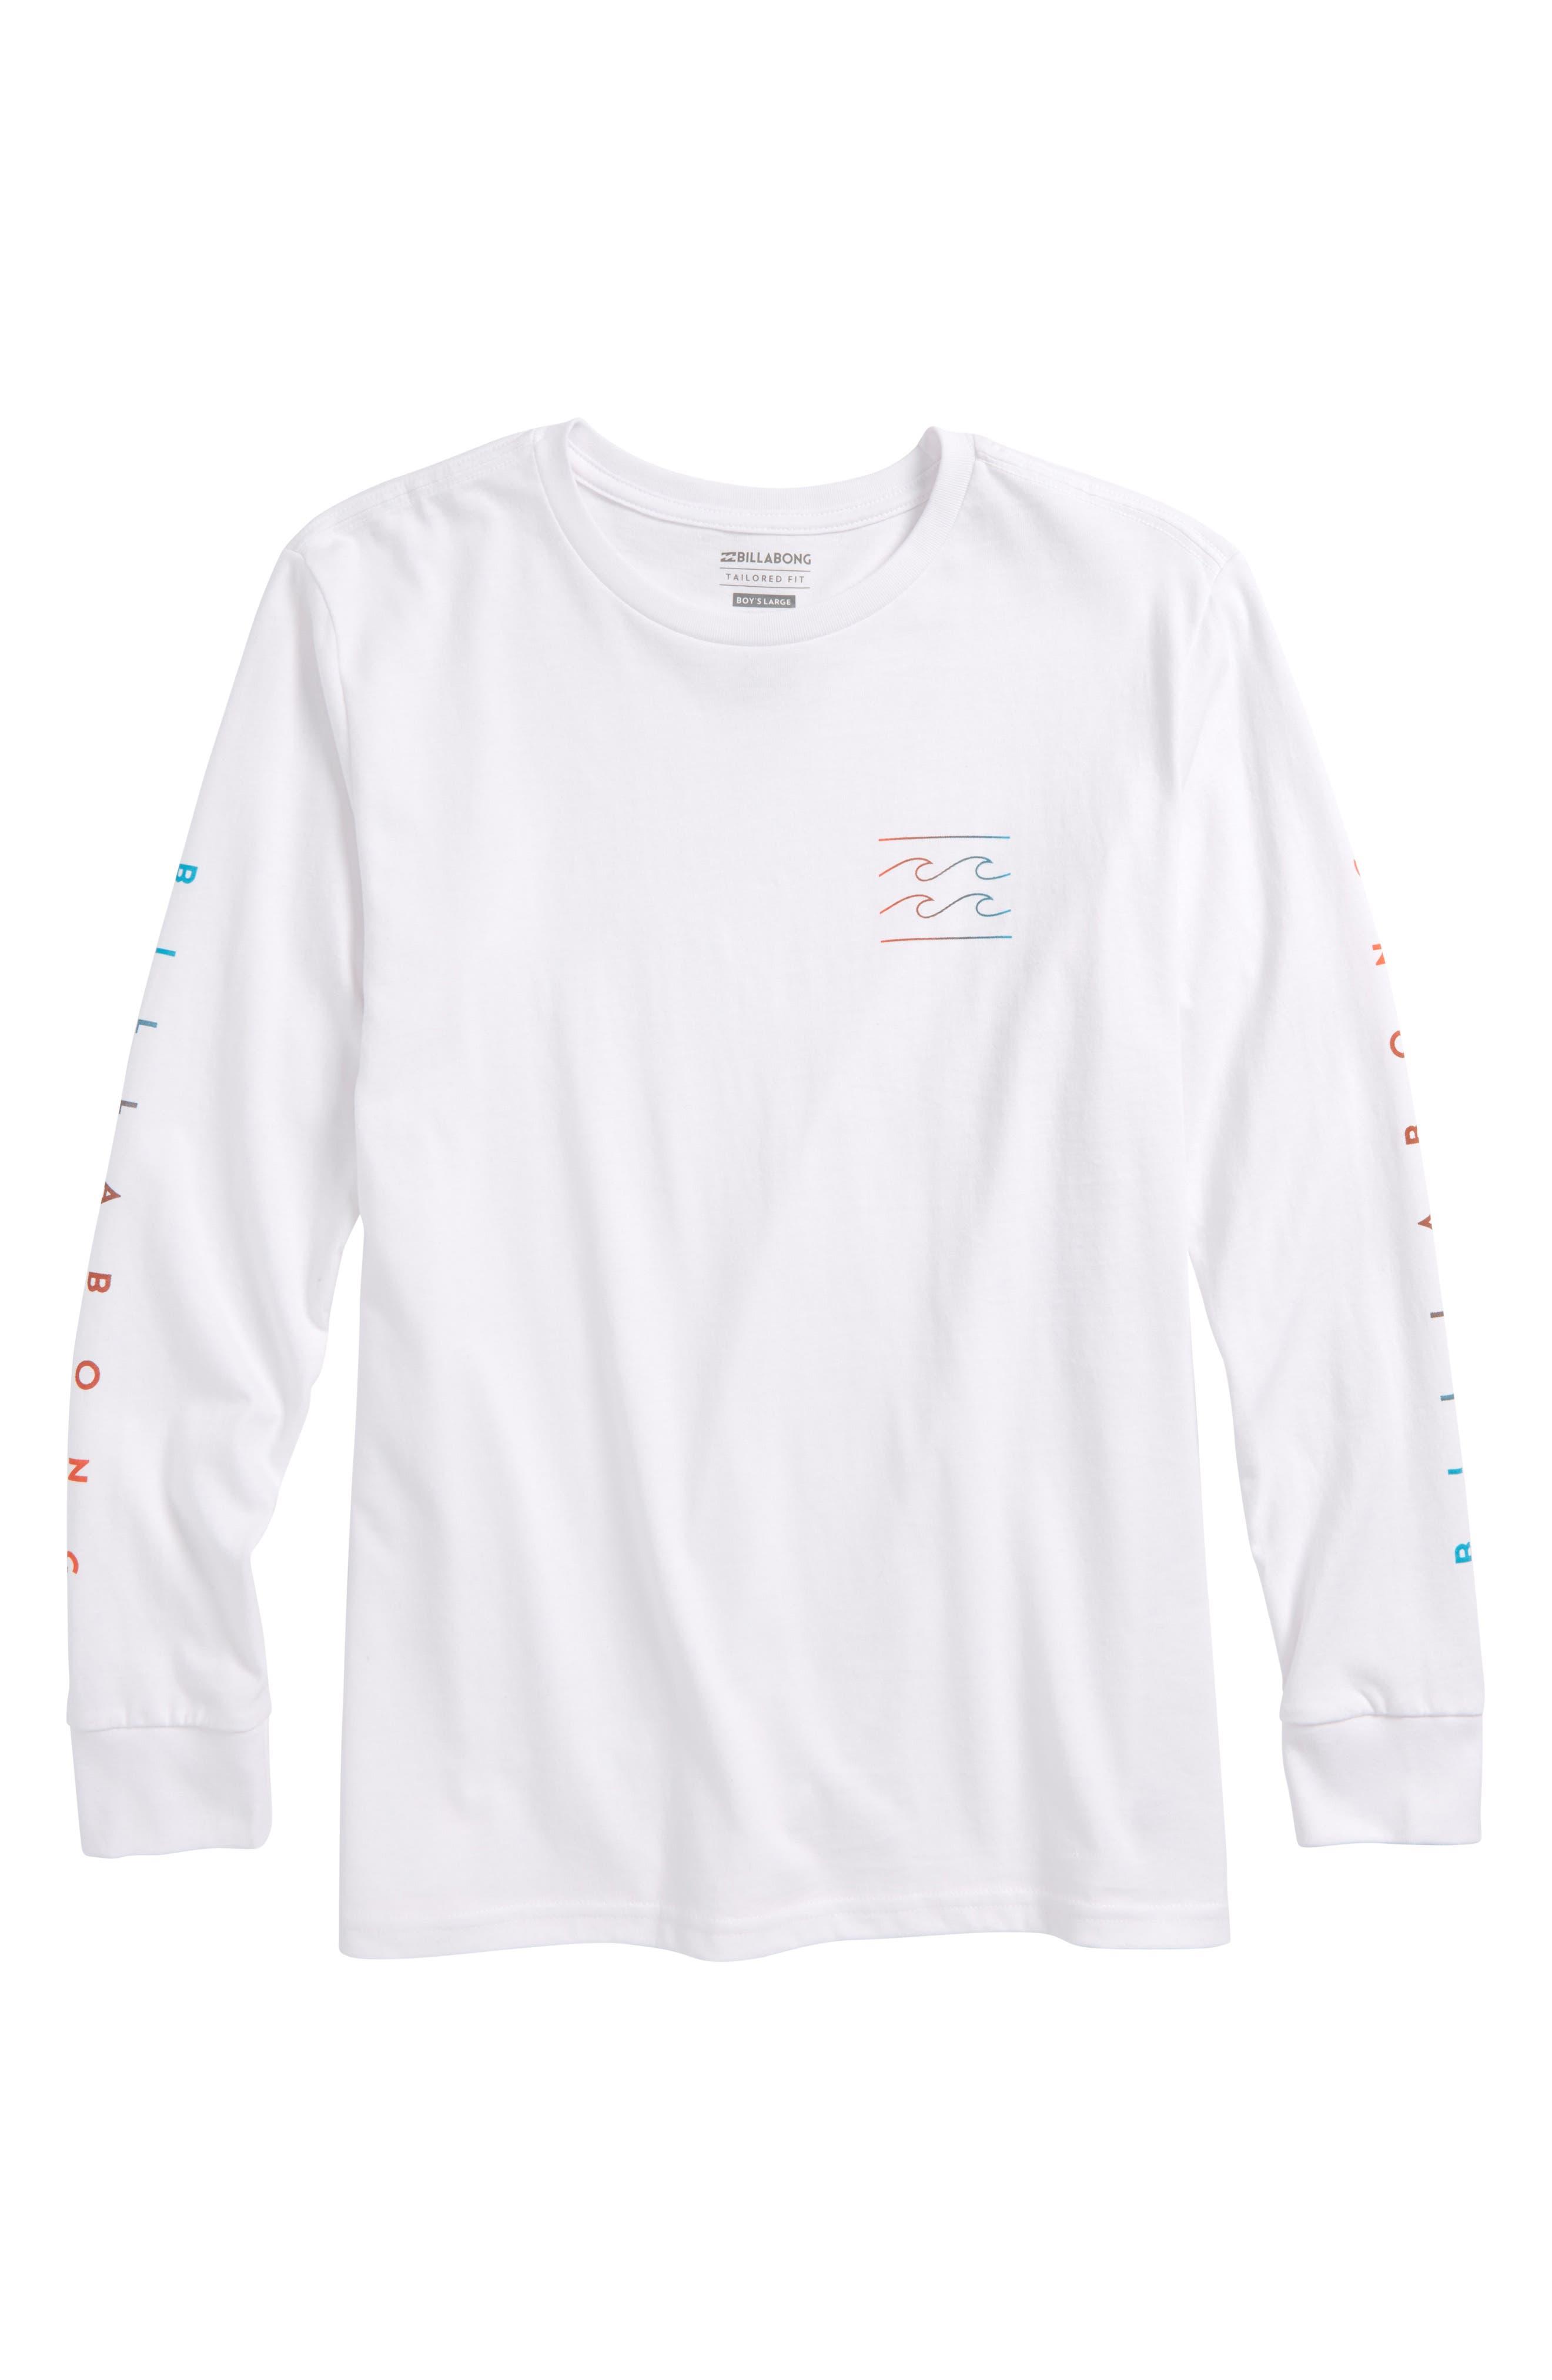 Unity T-Shirt,                             Main thumbnail 1, color,                             White